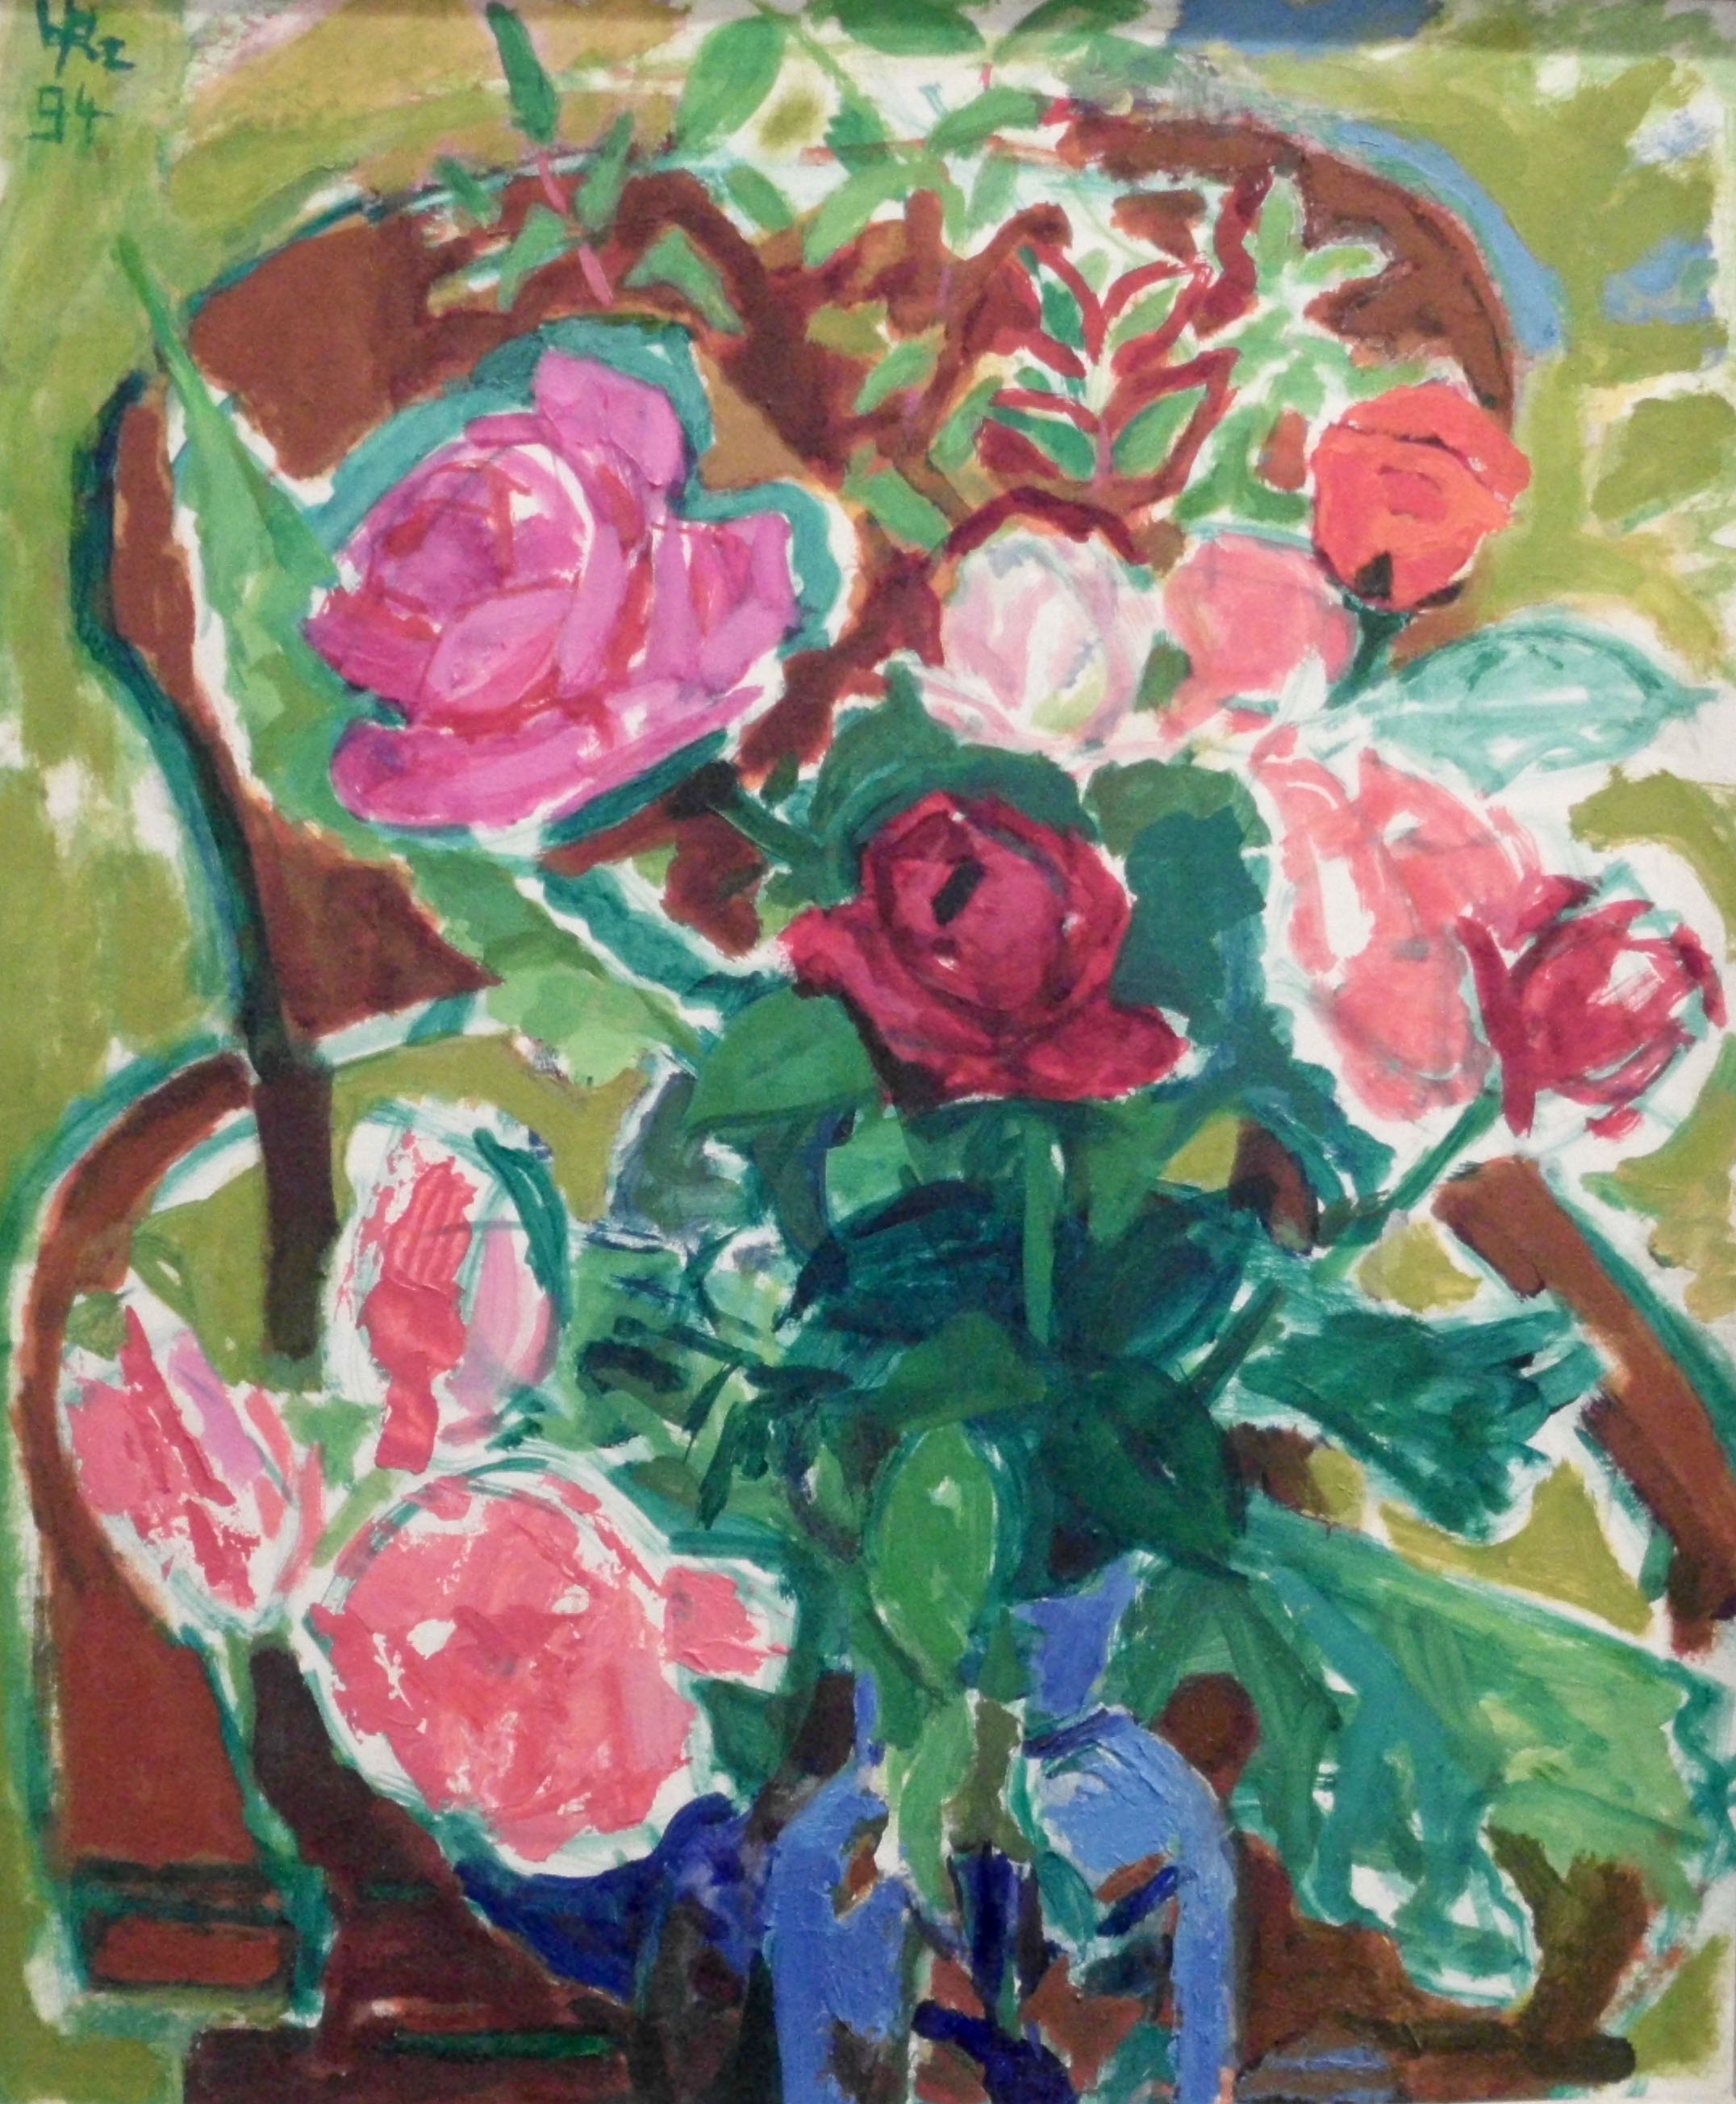 18-ursula_rzodeczko-rosen-1994-oel_auf_hartfaser-60x50